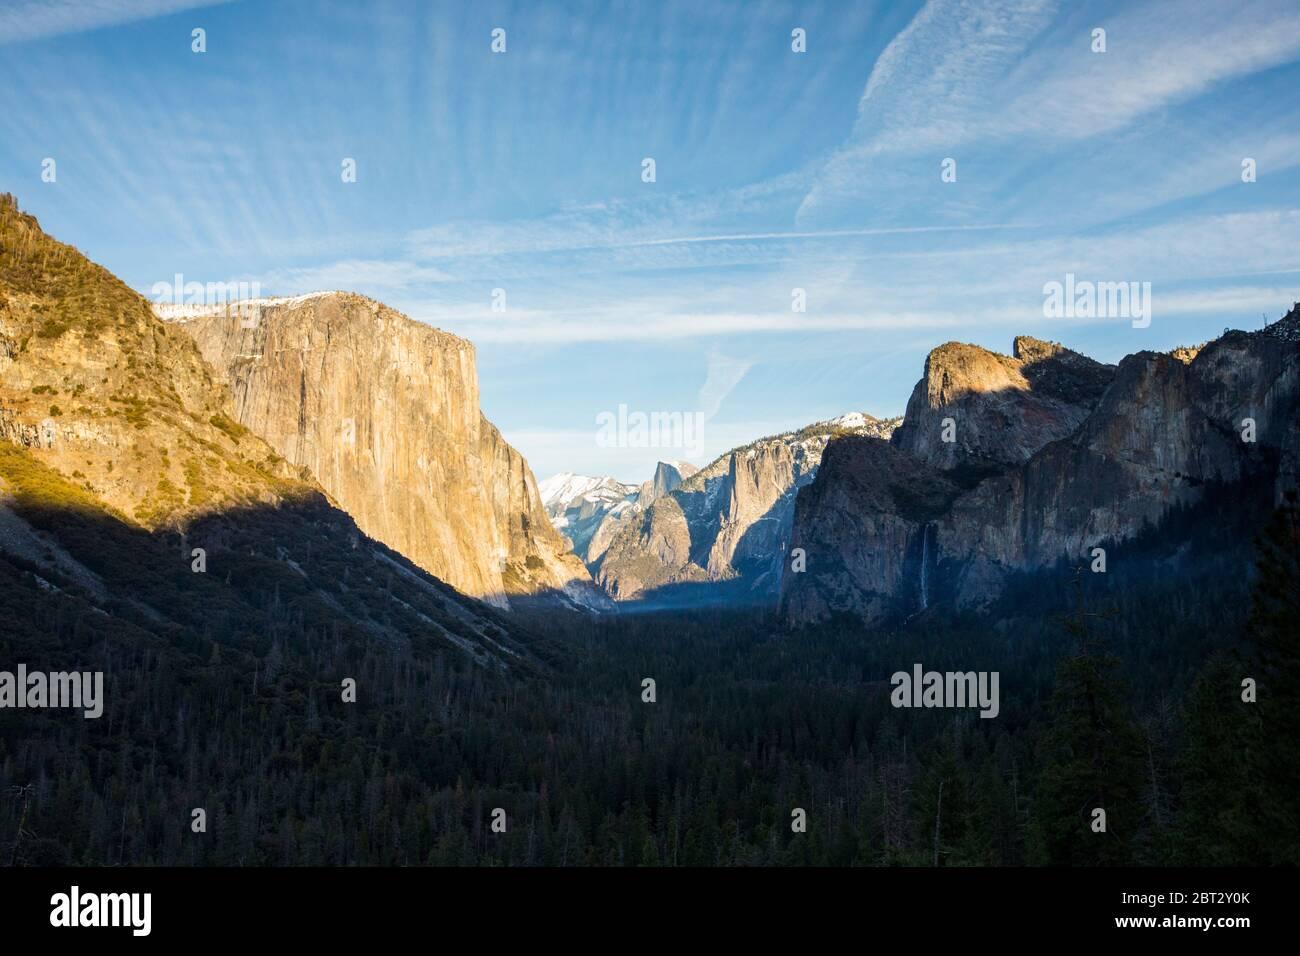 Parc national de Yosemite à Sunrise, Californie, États-Unis Banque D'Images